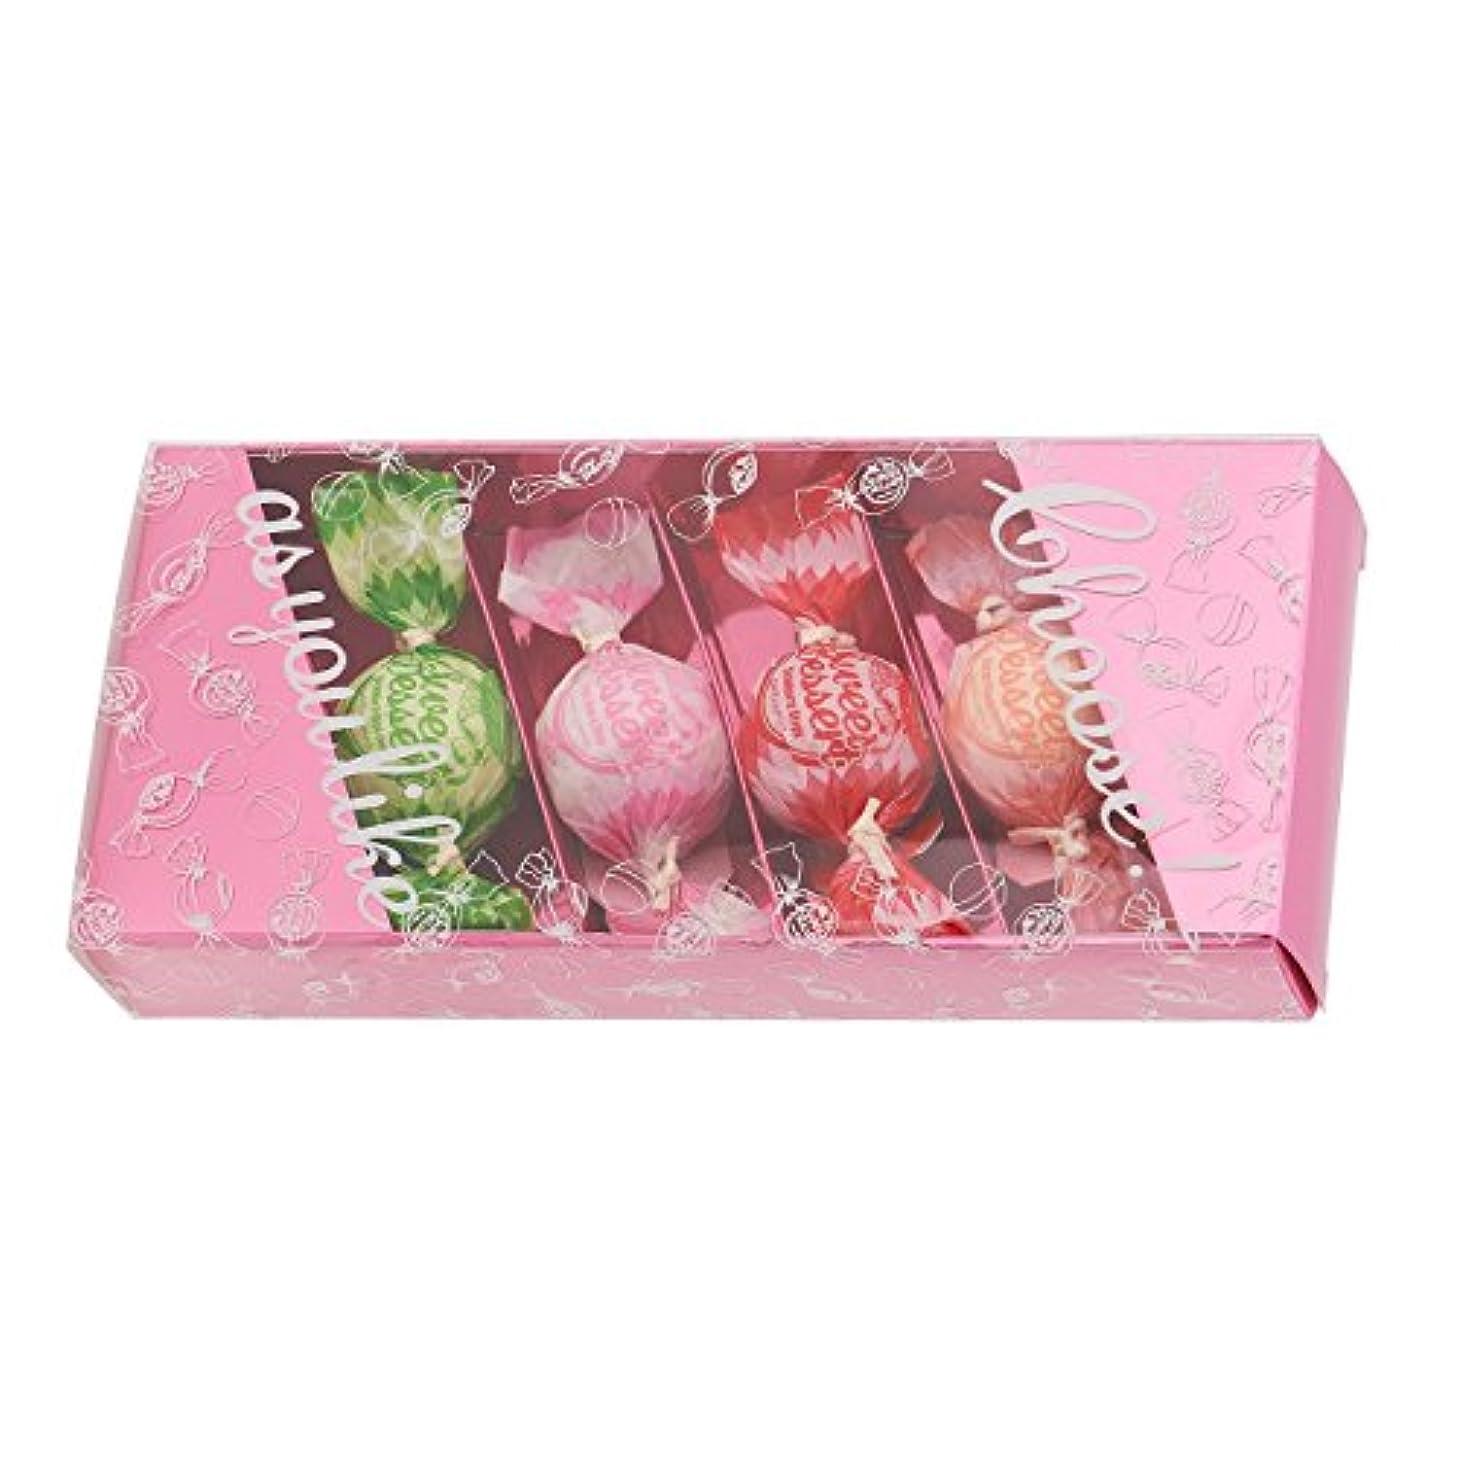 従順な役職修復アマイワナ バスキャンディー4粒ギフトセット(35g×4個) ピンク(発泡タイプ入浴料 バスギフト)